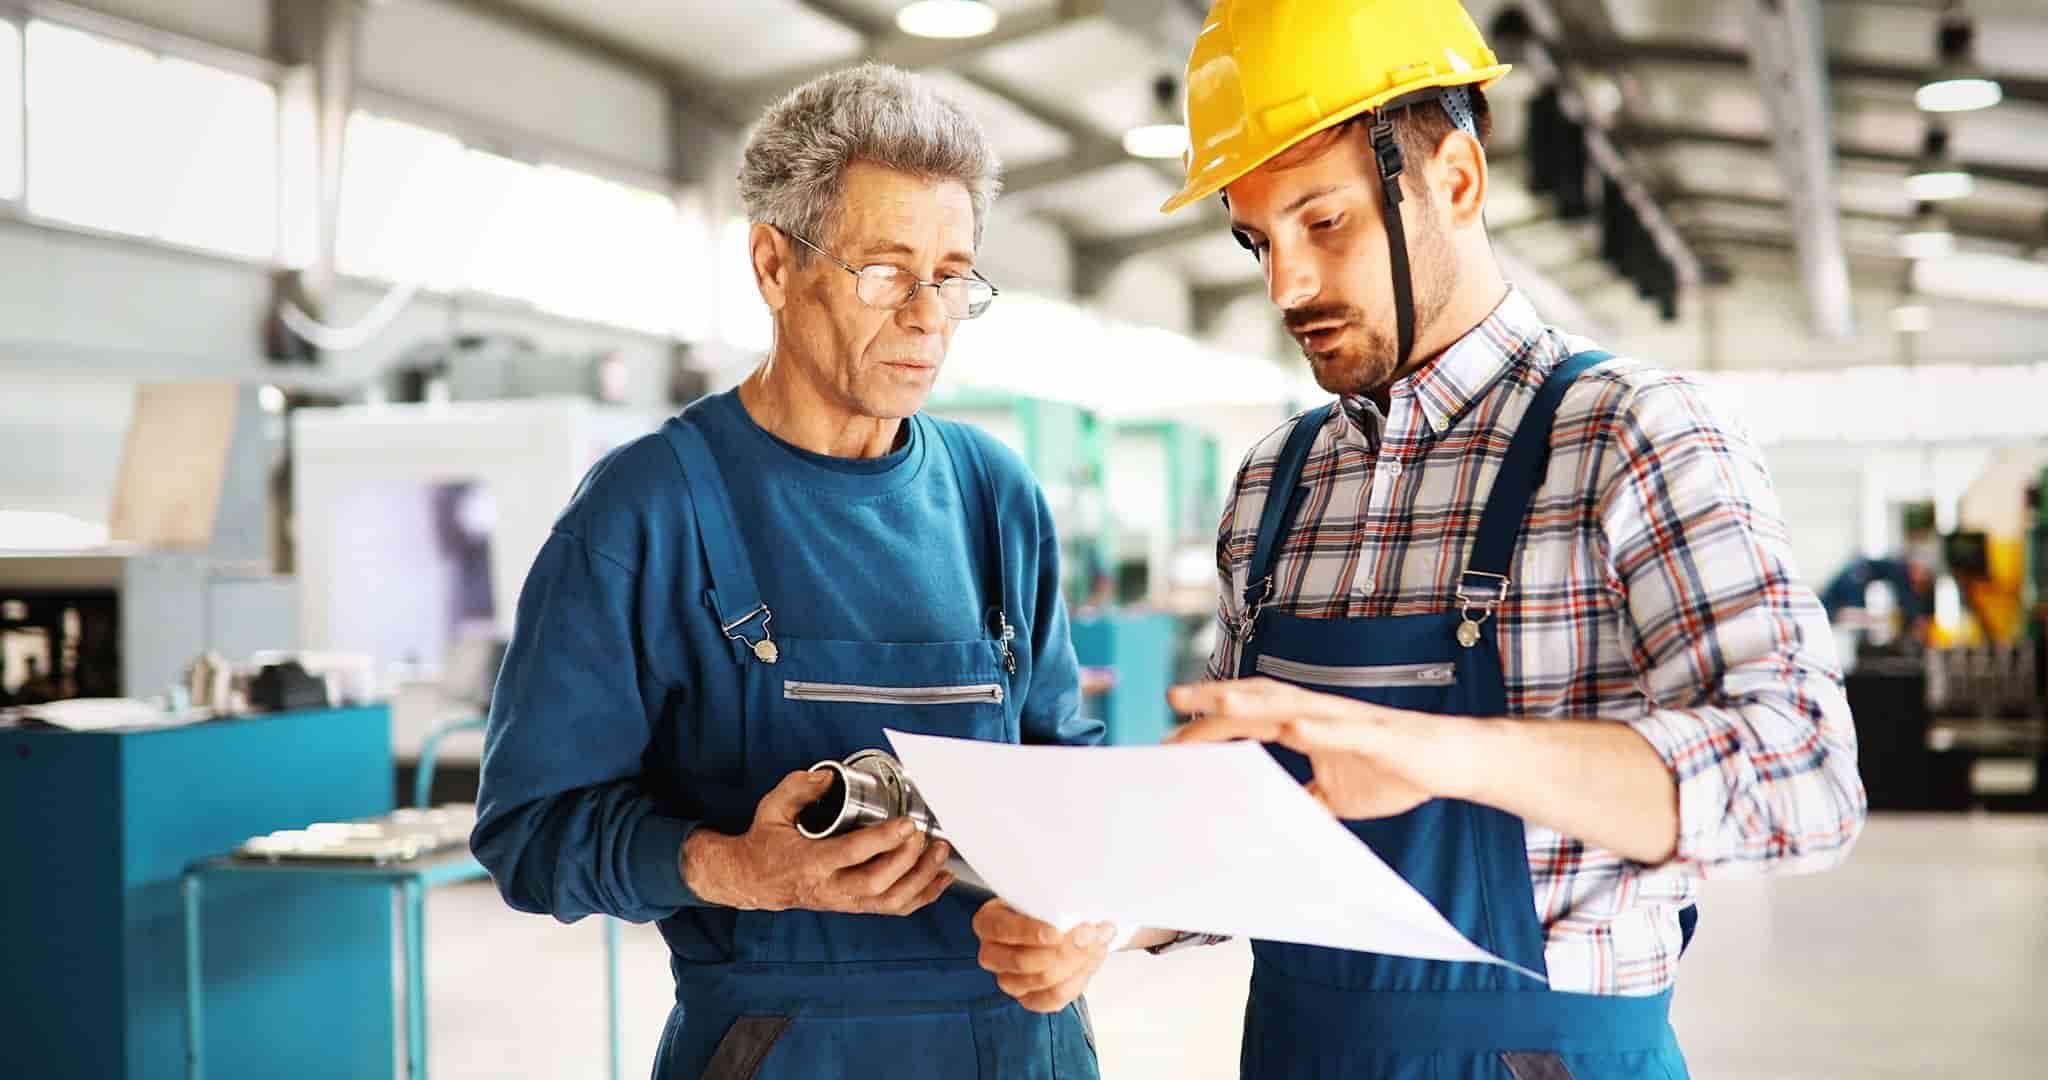 Gestão de projetos industriais - Como não perder o controle orçamentário